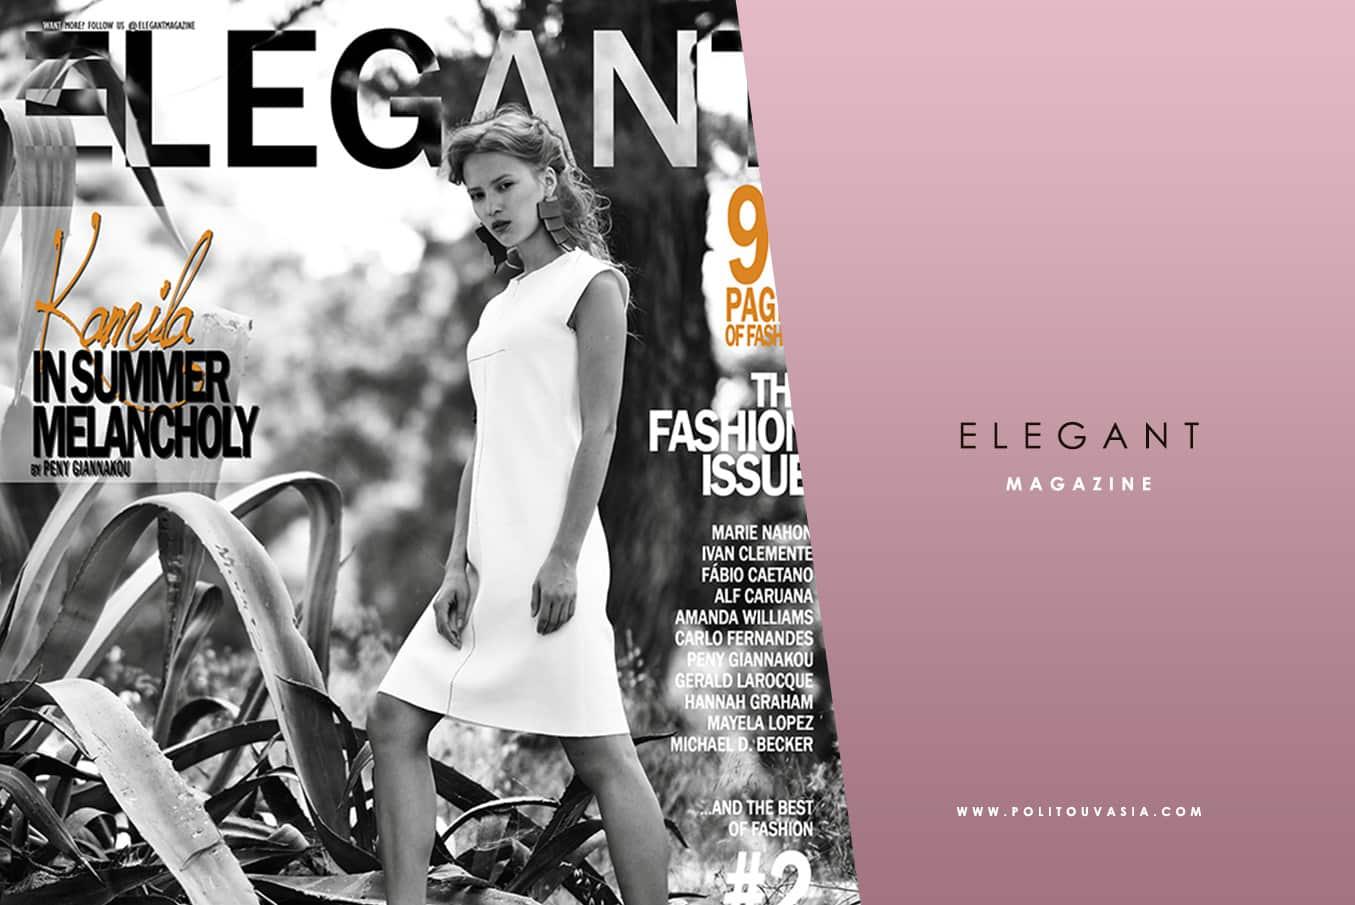 elegant magazine_politou_vasia_blog_hairextensions_microrings_2020